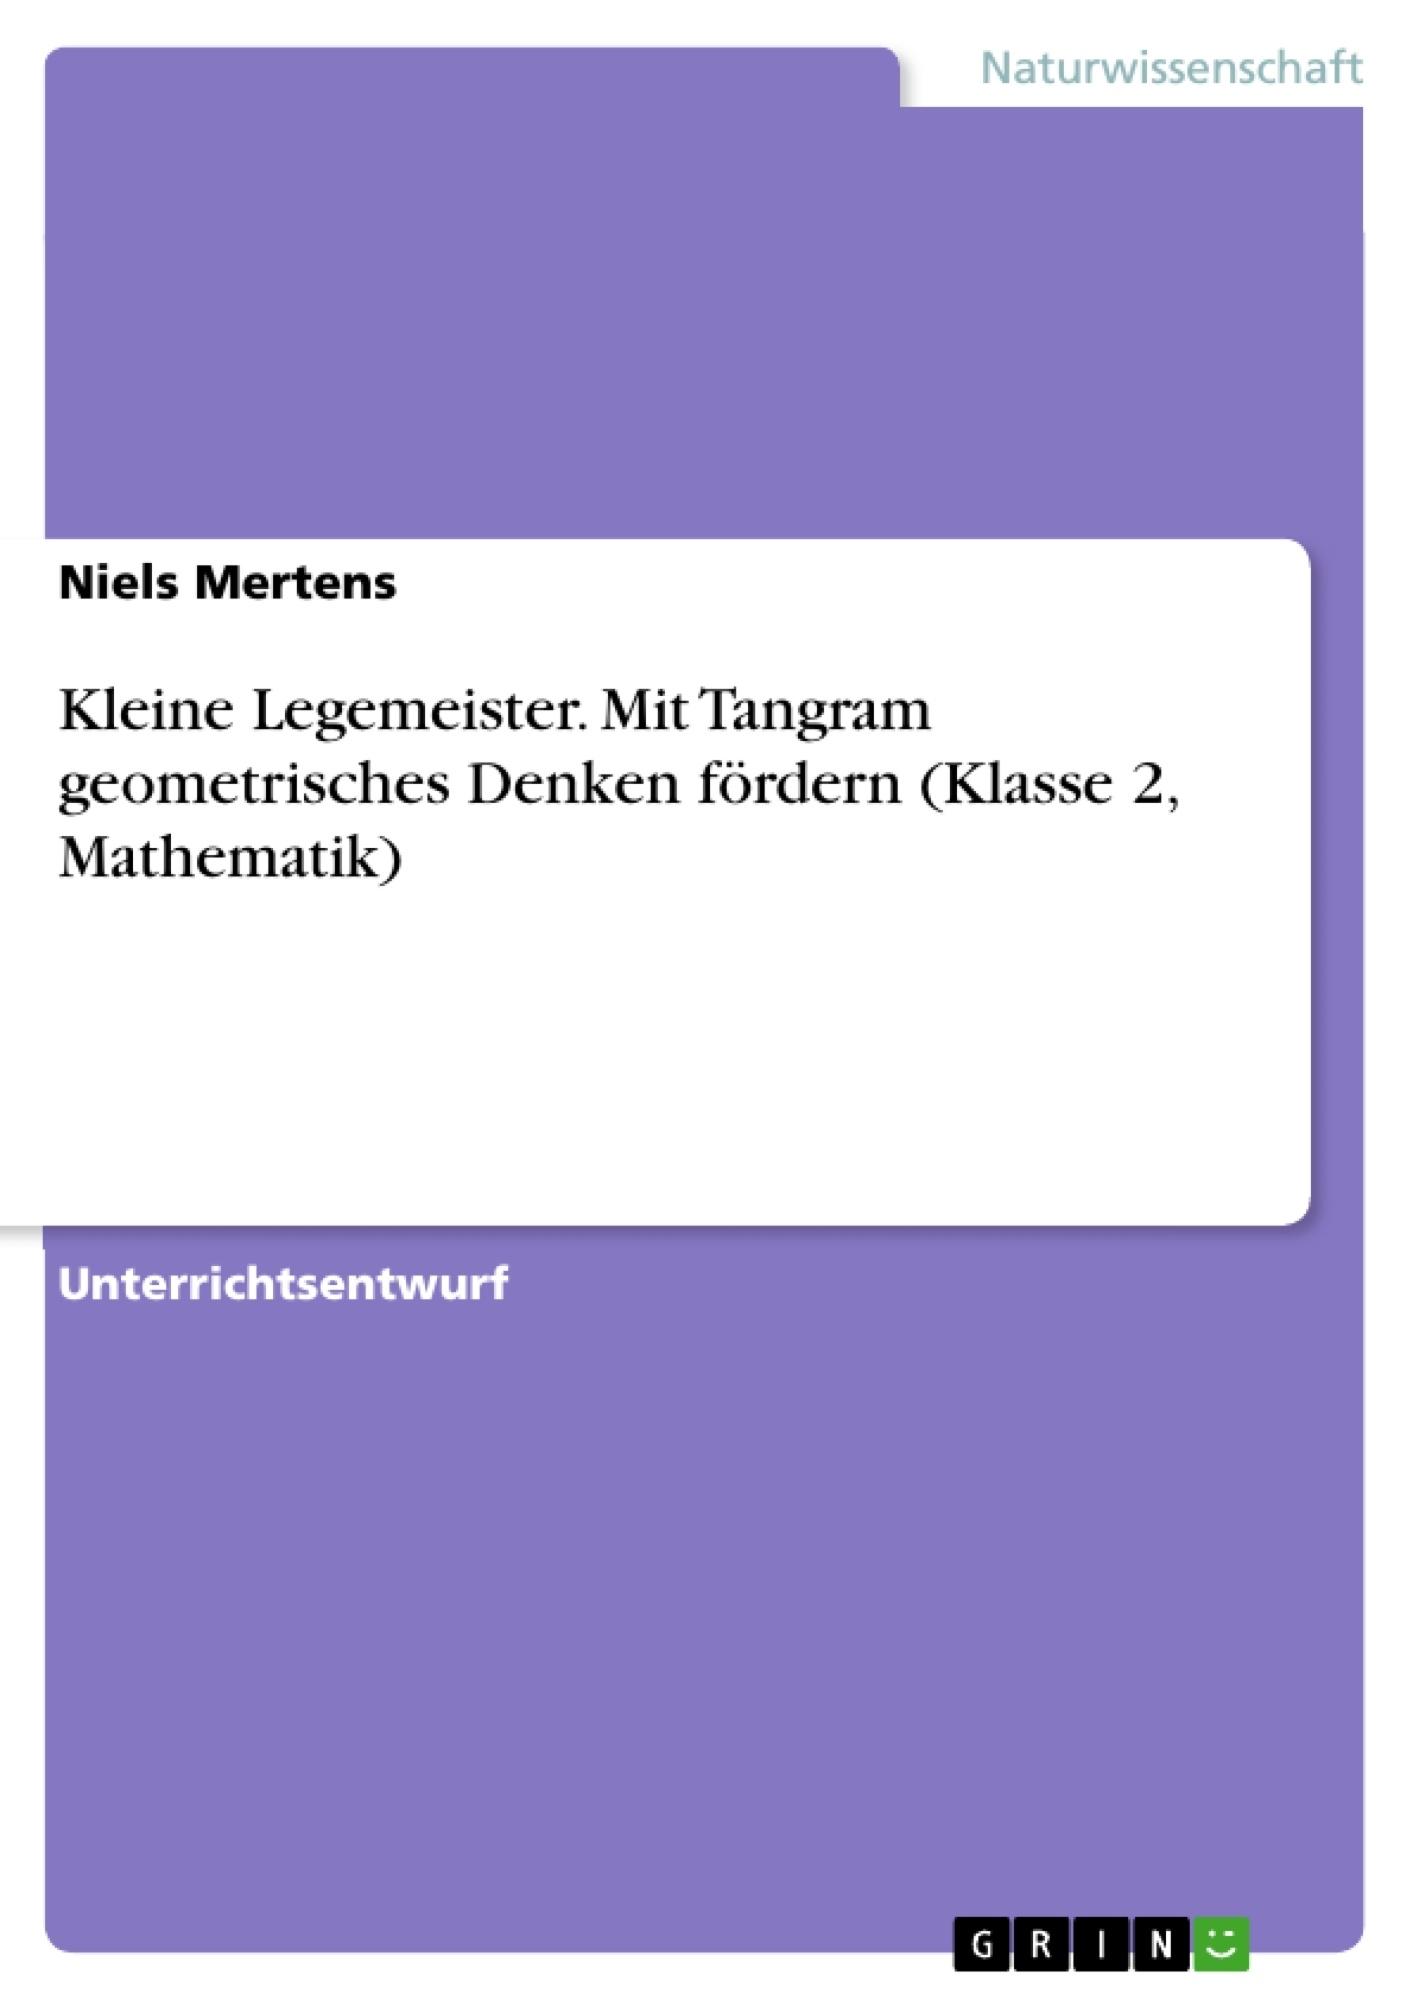 Titel: Kleine Legemeister. Mit Tangram geometrisches Denken fördern (Klasse 2, Mathematik)